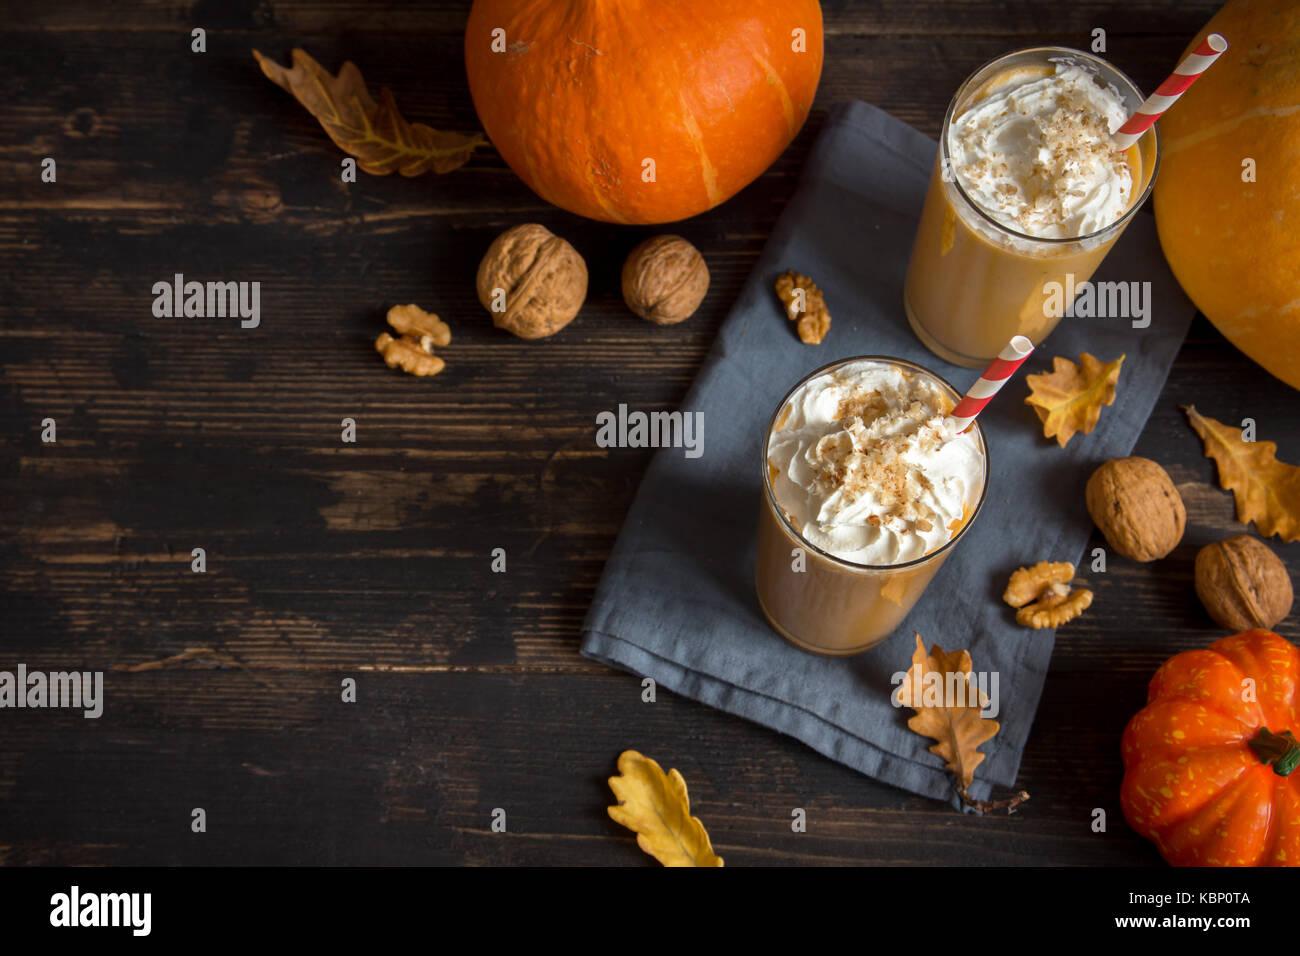 Frullato di zucca. fresche di zucca e Apple o per frullato frullato con noci e spezie d'autunno. stagionale Immagini Stock